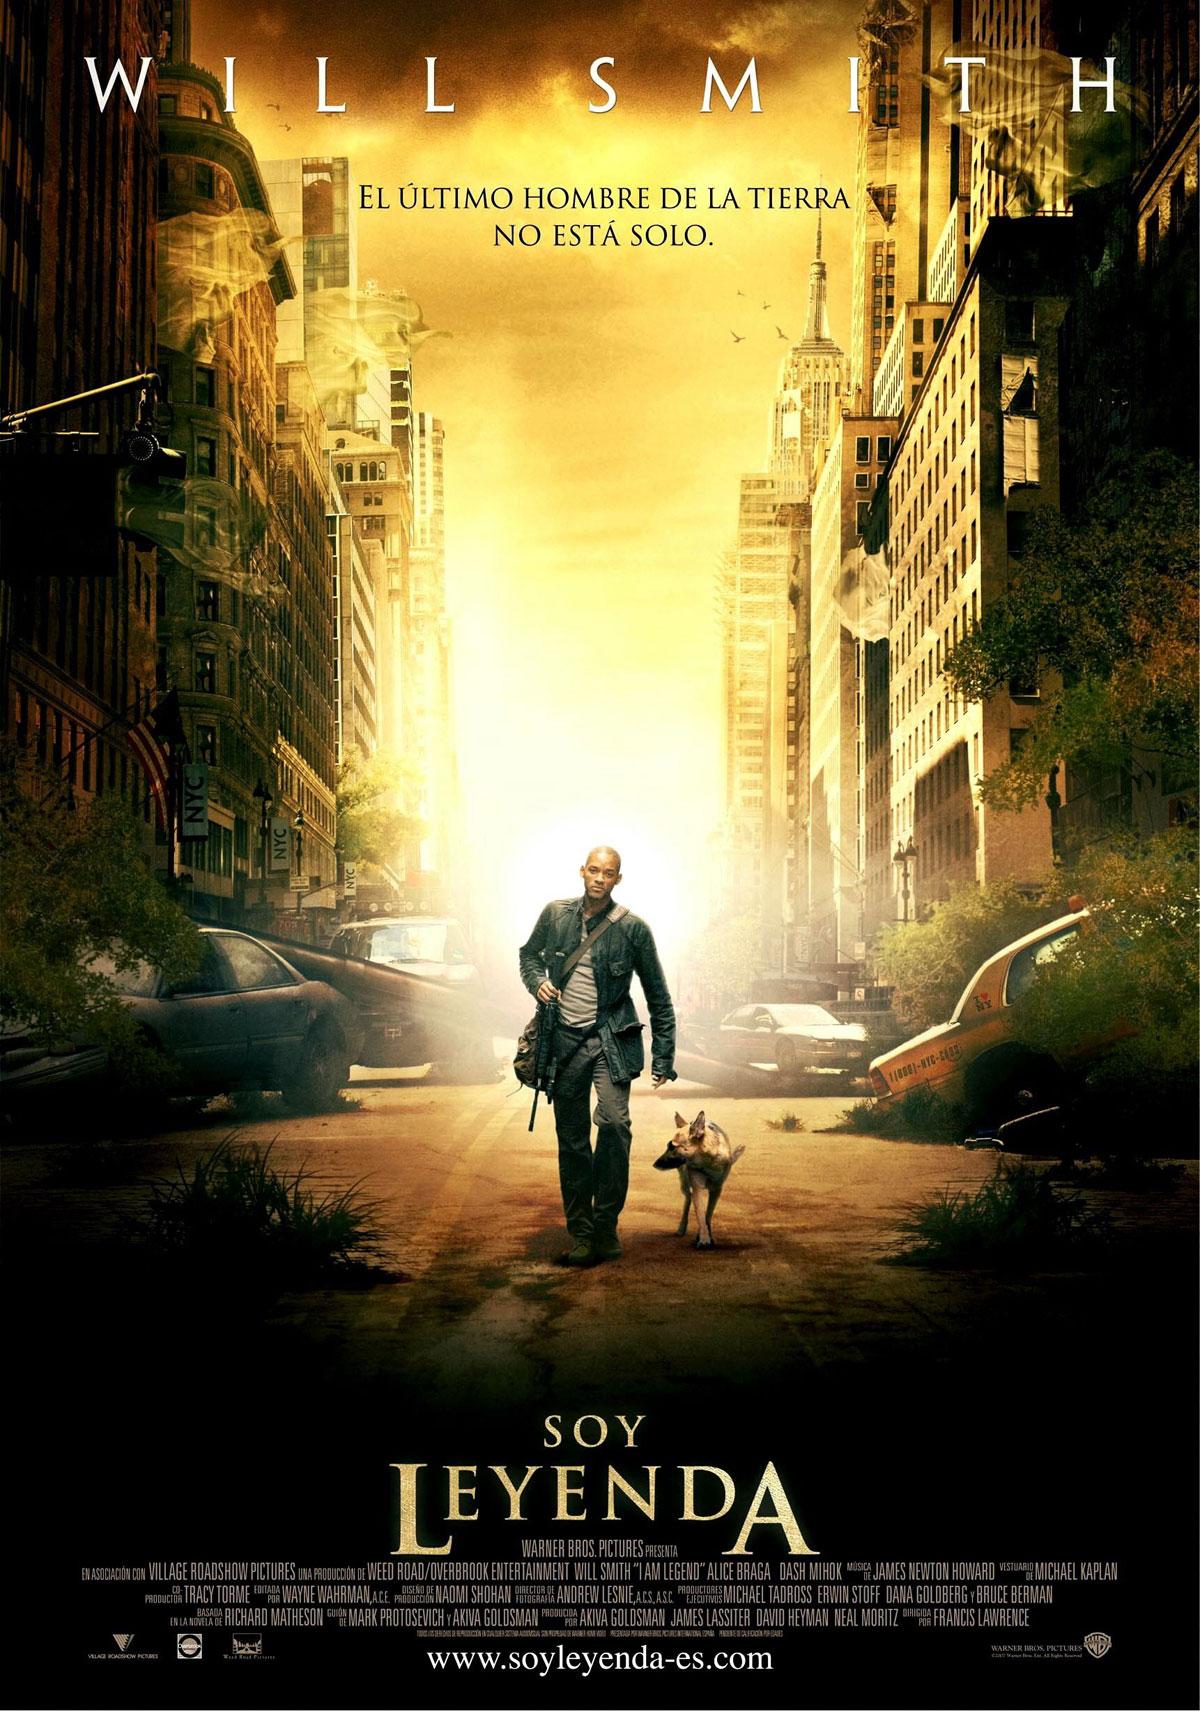 Cartel de la película Soy leyenda